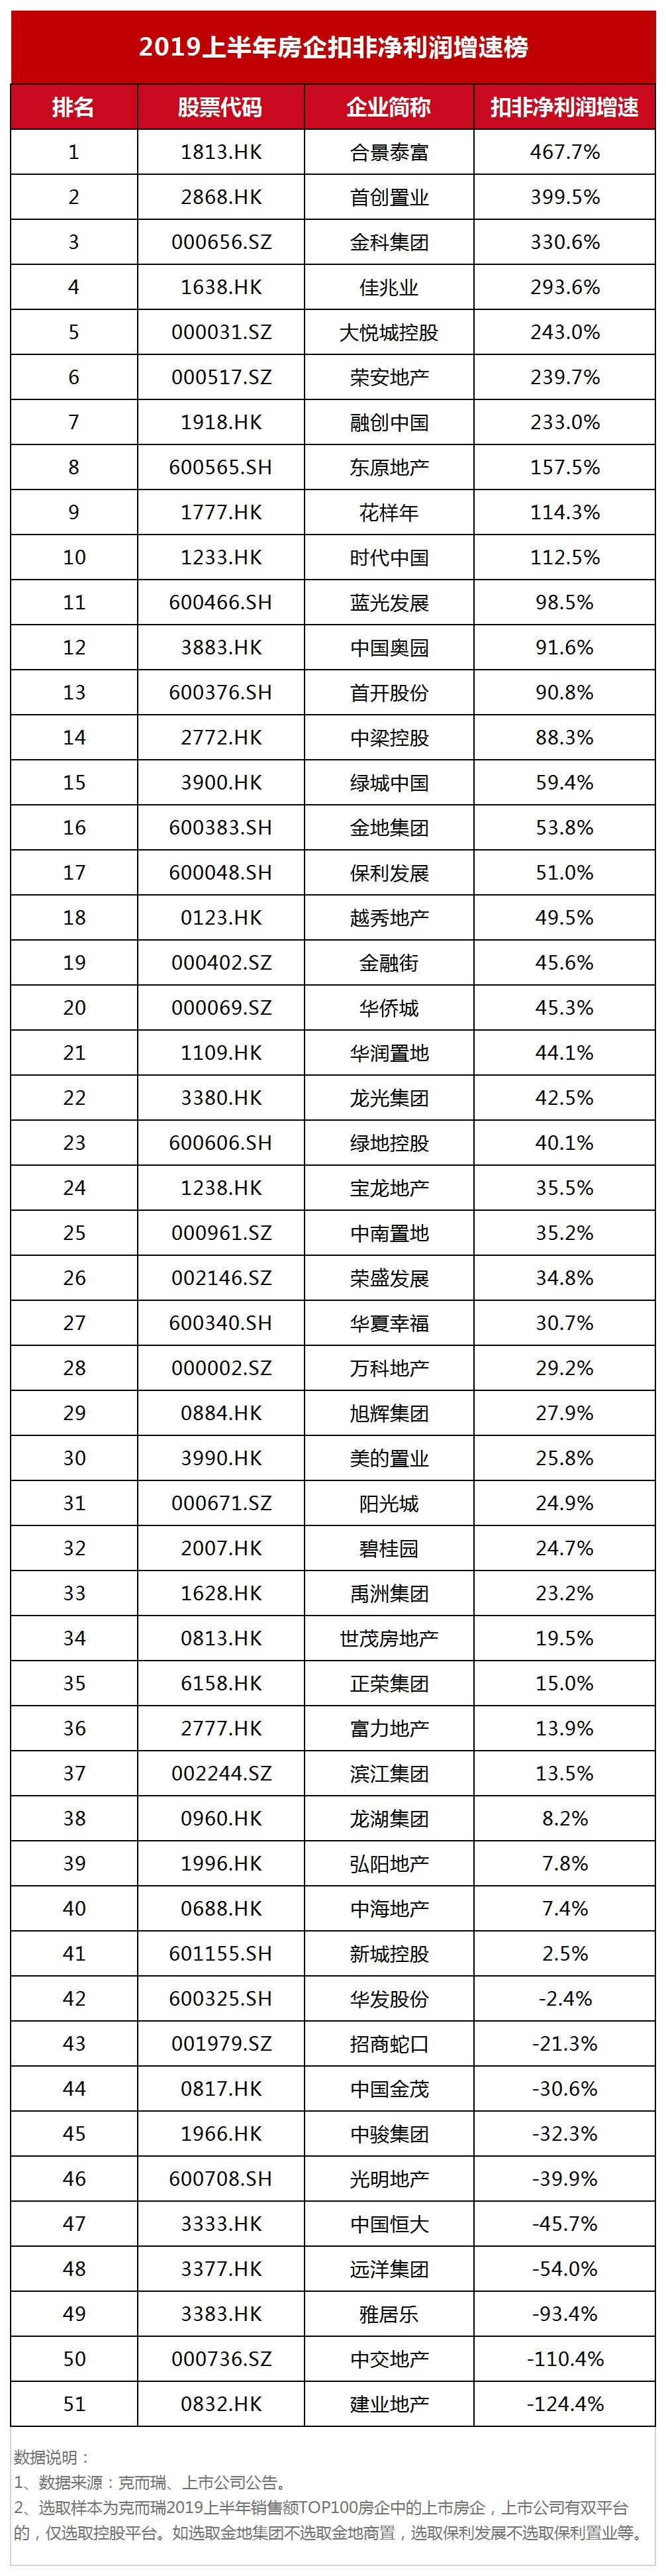 资色·榜单系列| 扣非净利润增速:融创高达233%